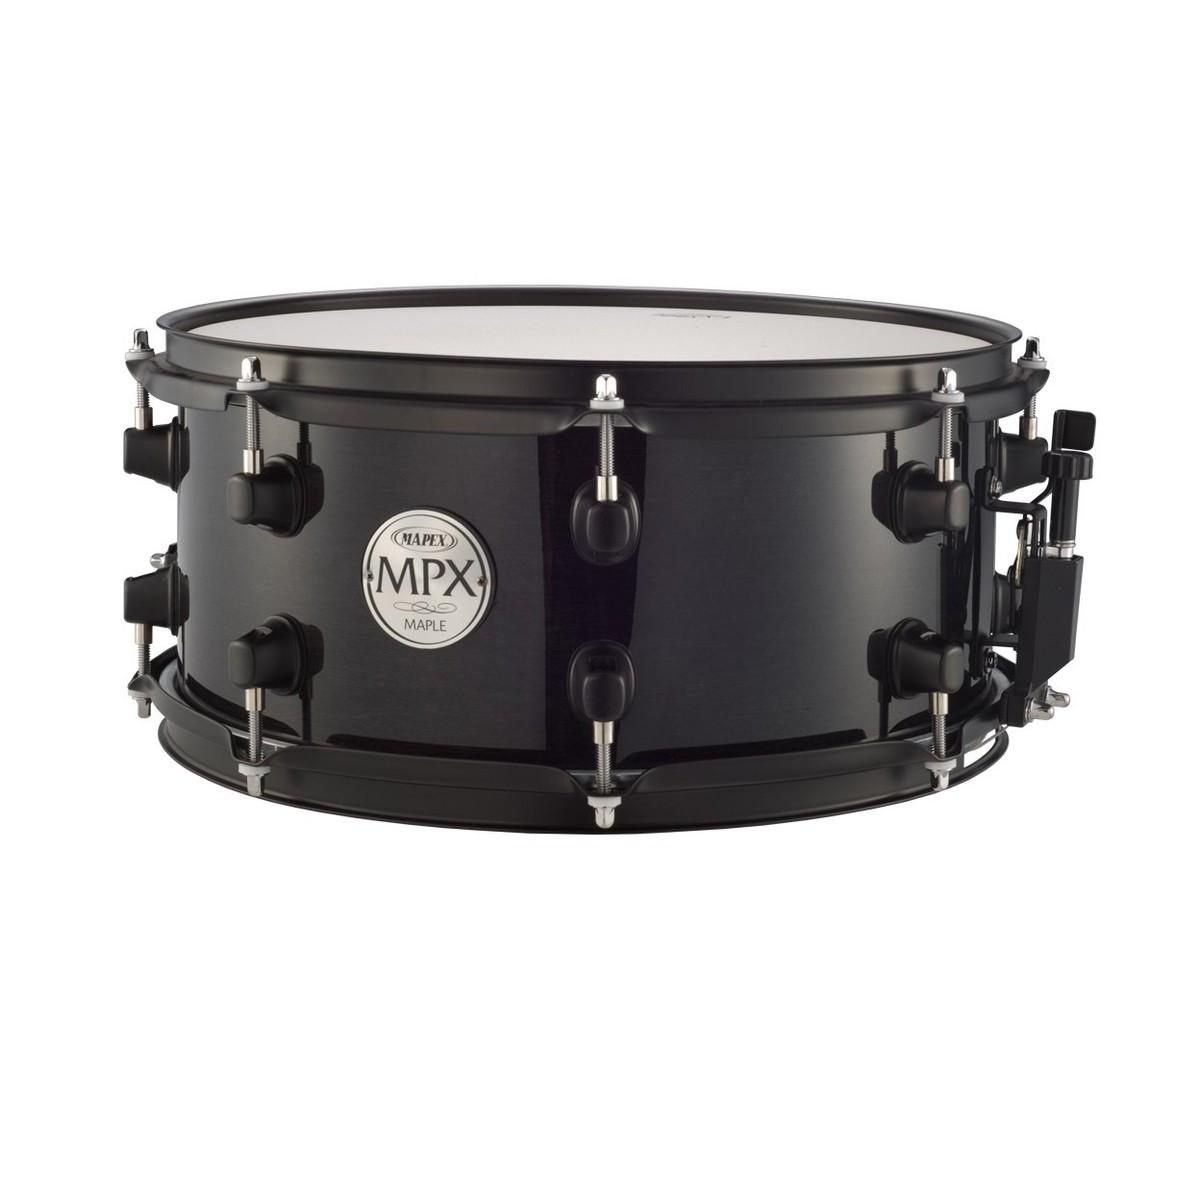 Mapex MPML3600B 13 X 6 Snare Drum Black